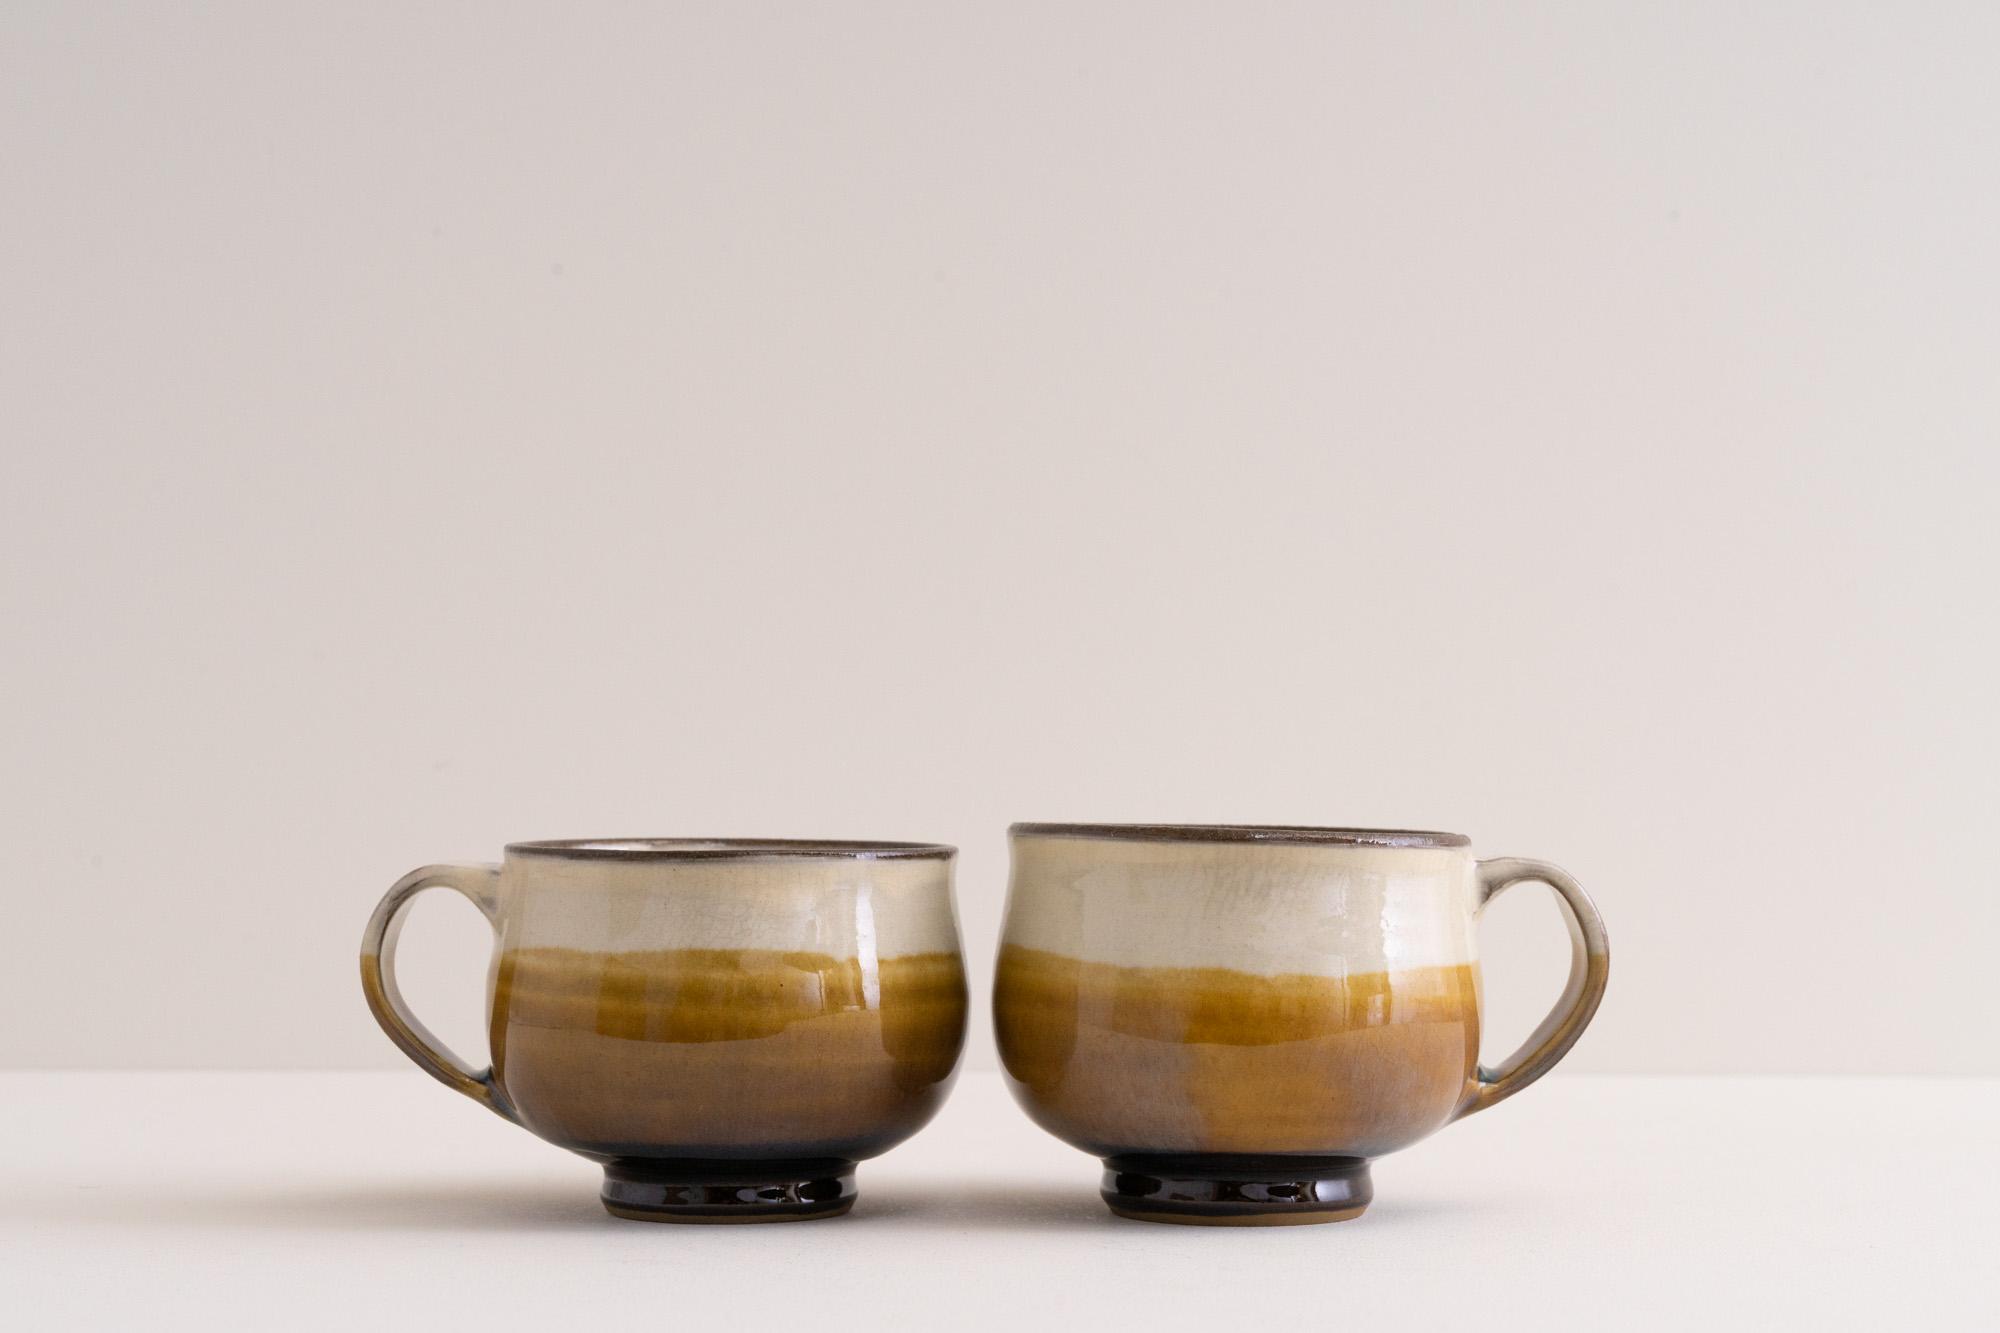 コーヒーカップの個体差